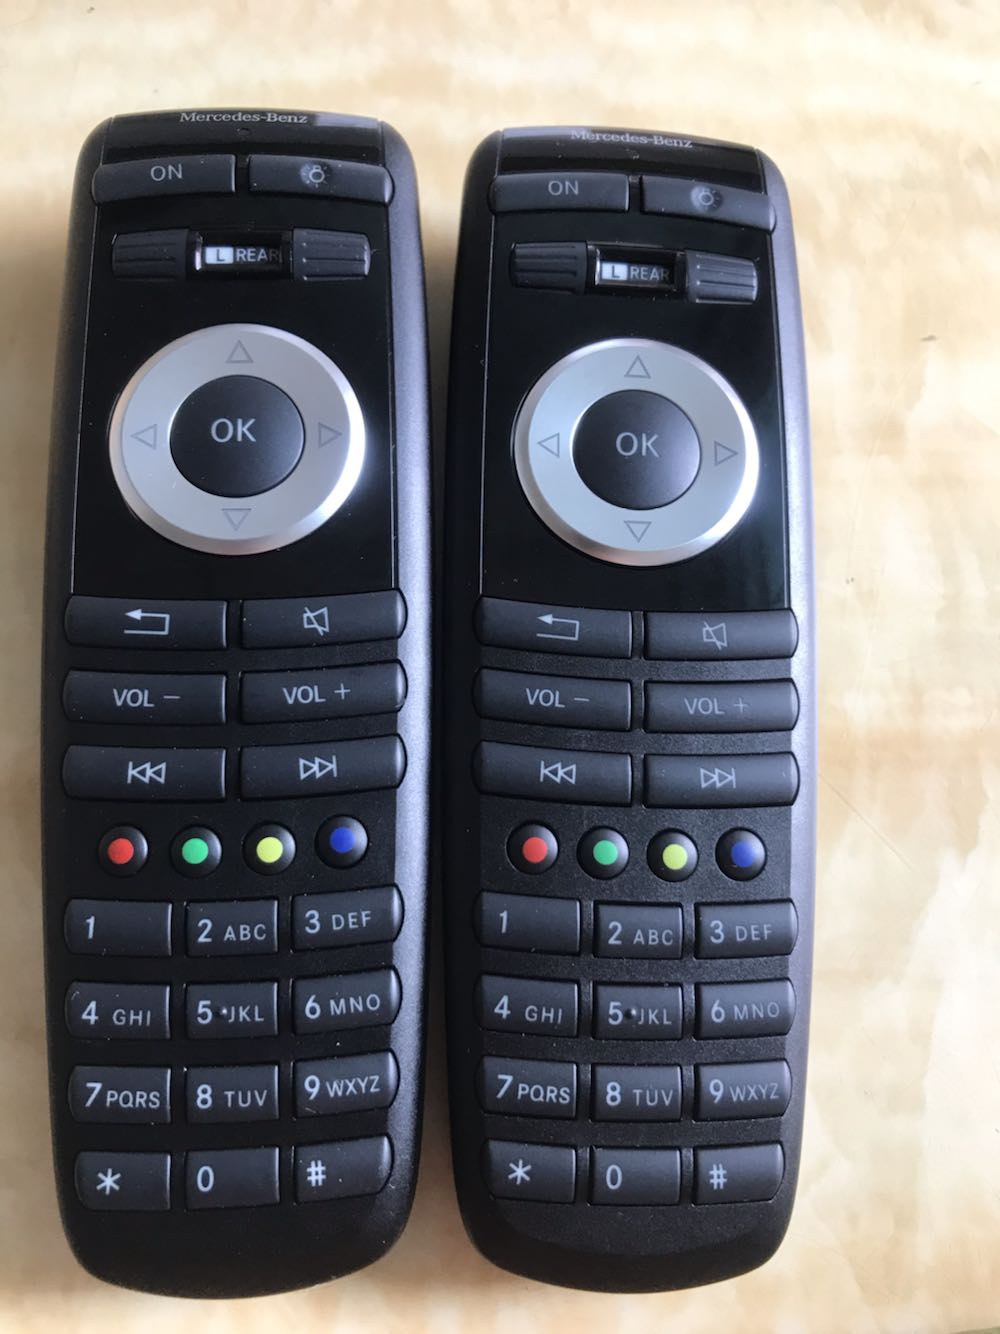 وحدة التحكم عن بعد E300L من مرسيدس بنز الفئة S الفئة E GLGLS MLR